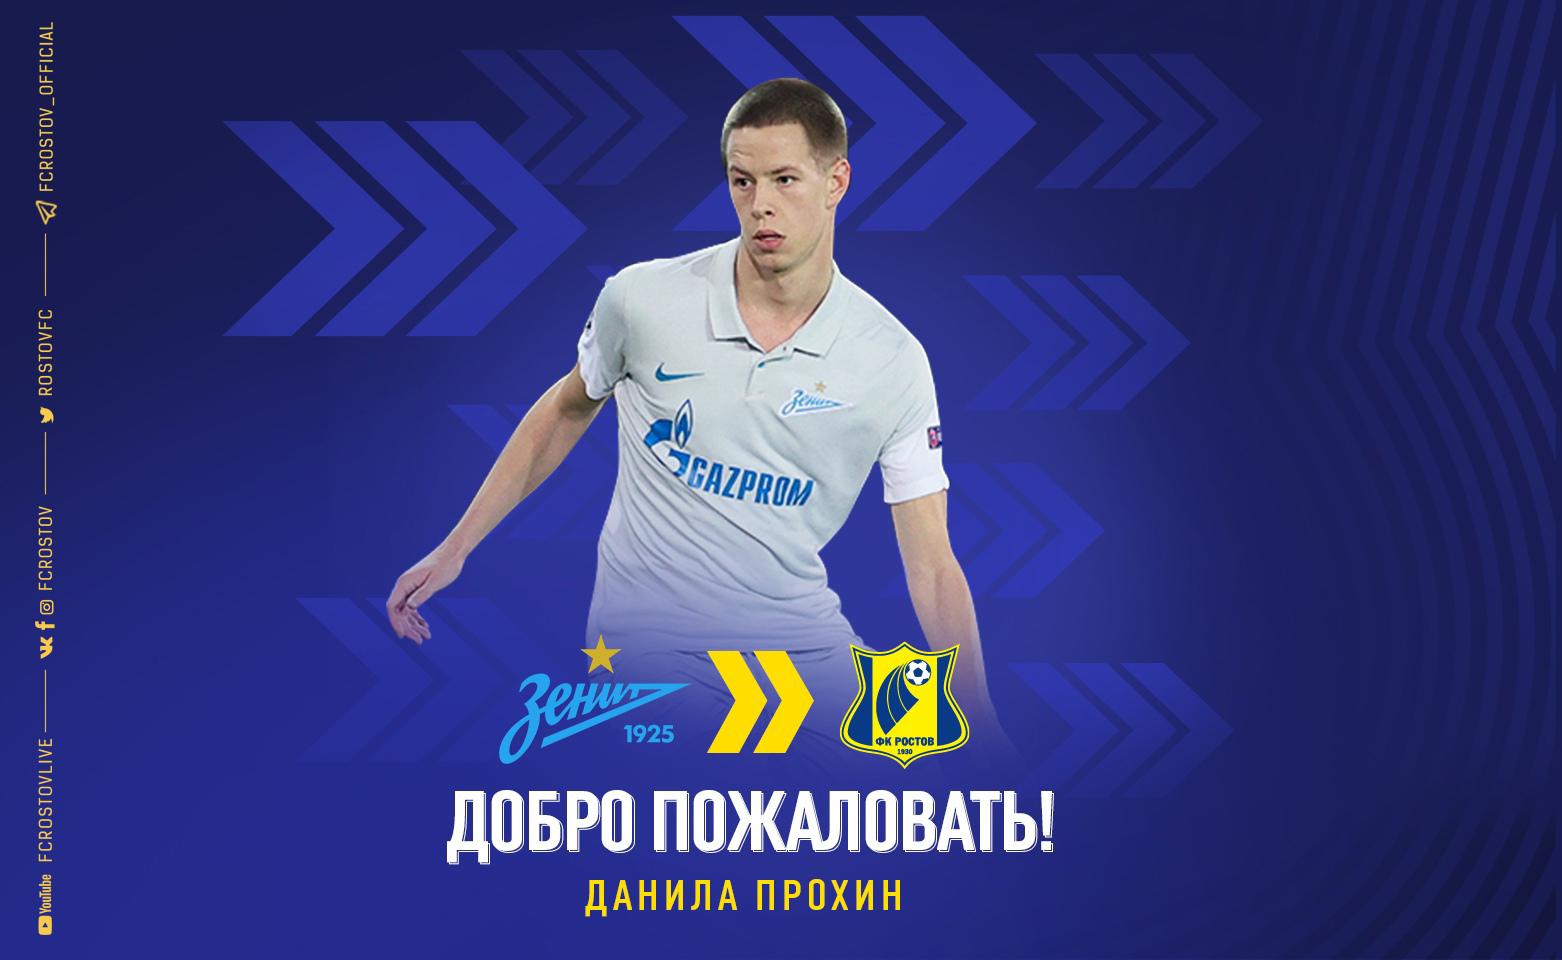 Данила Прохин подписал контракт с «Ростовом»